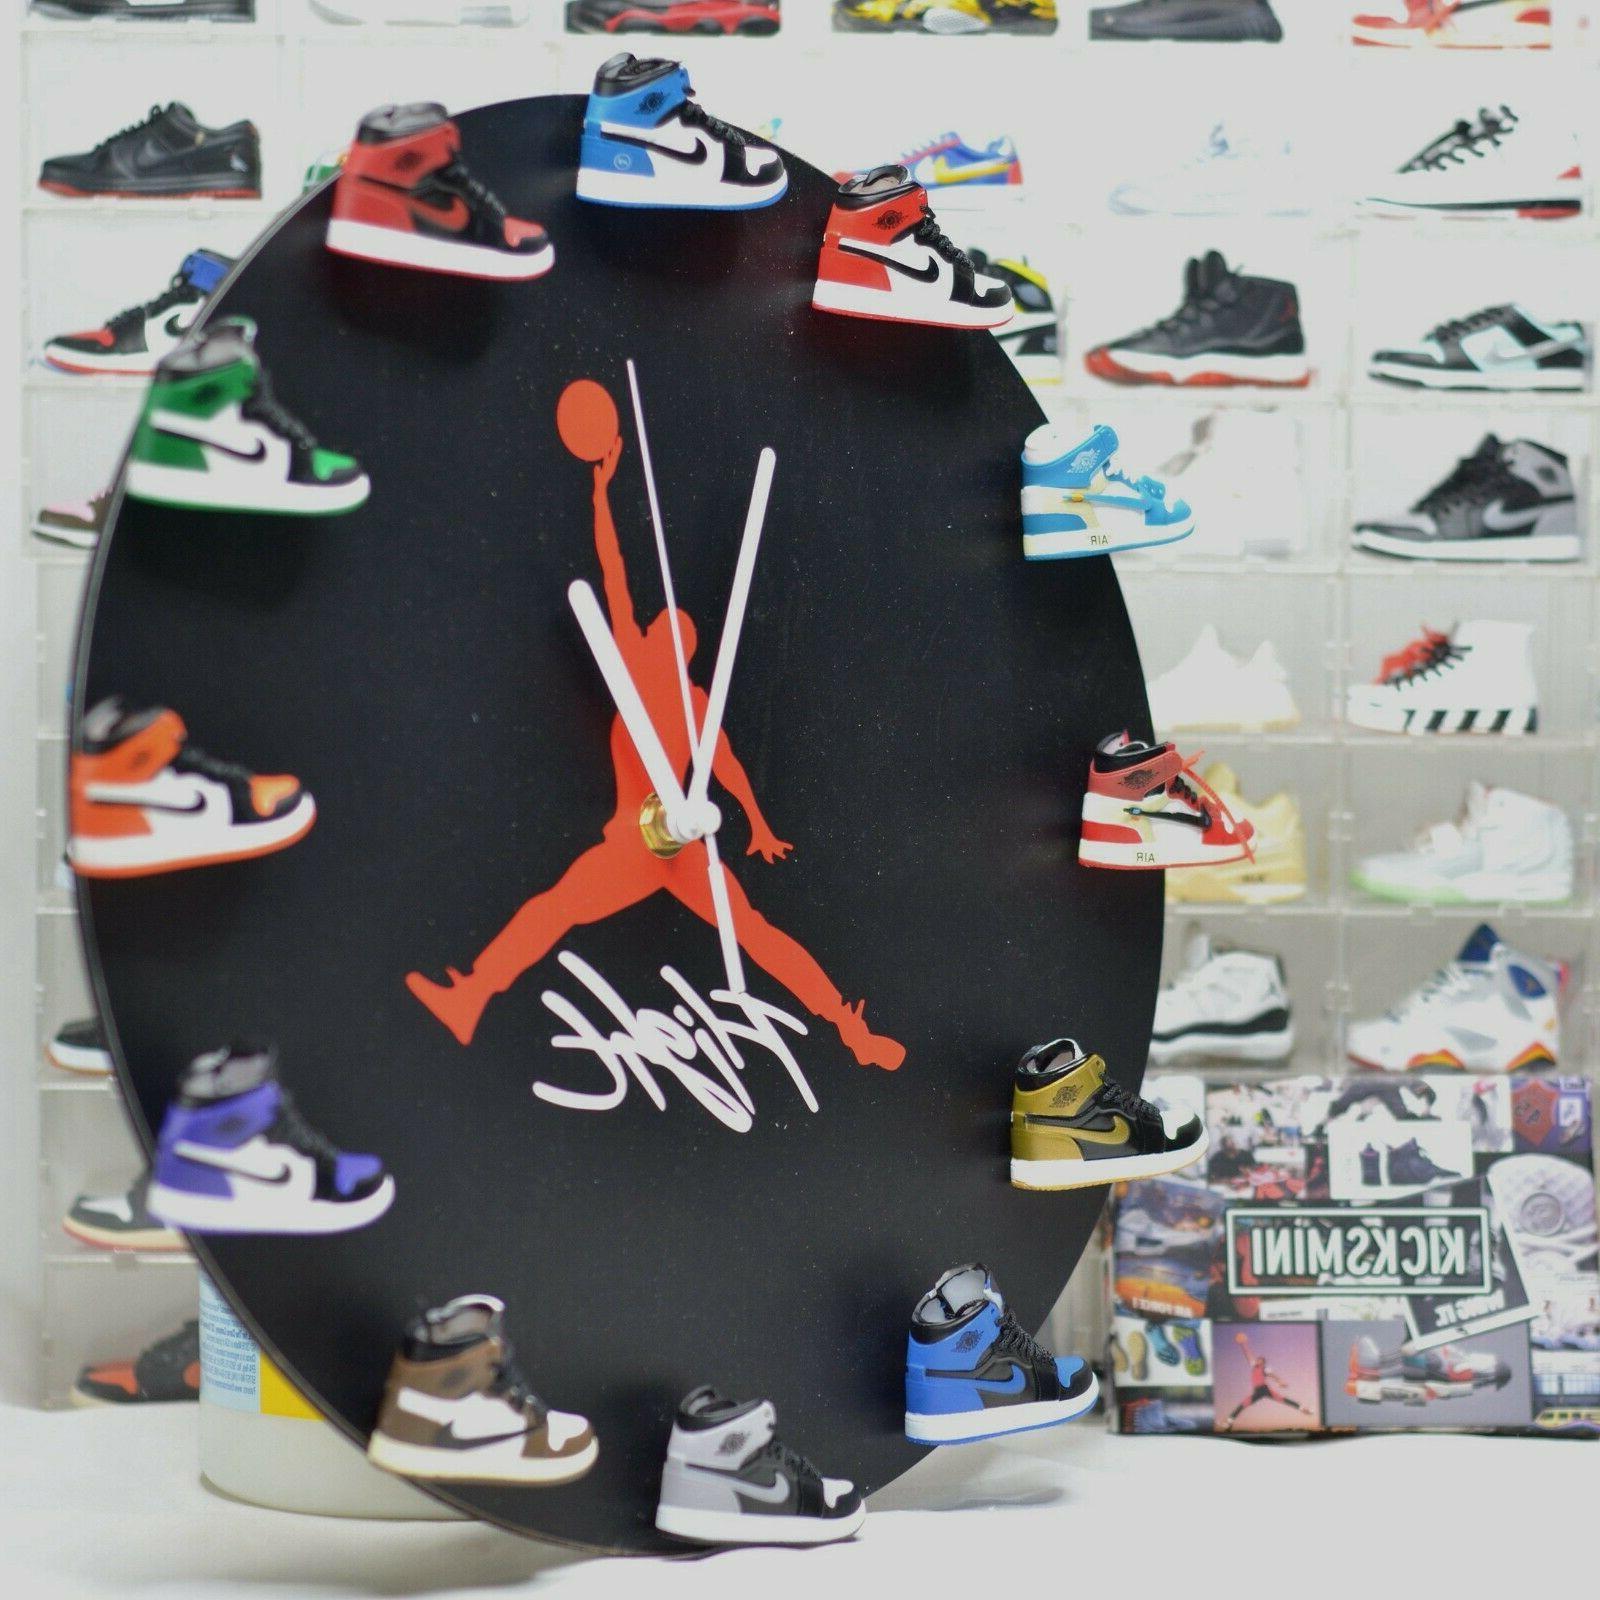 Ultimate Sneakerhead mini USA Sellers